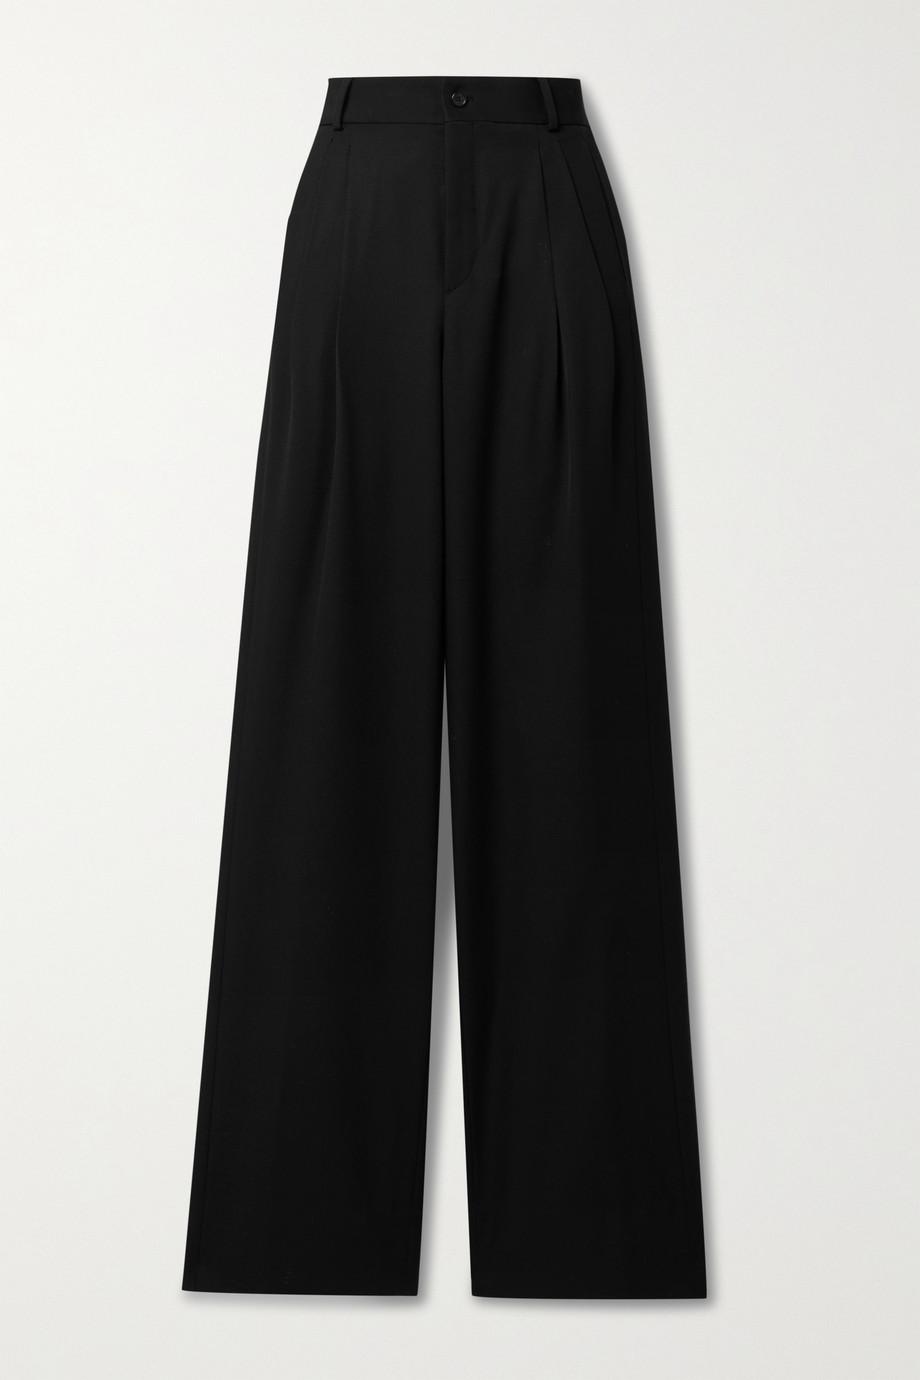 SAINT LAURENT Pleated grain de poudre wool wide-leg pants